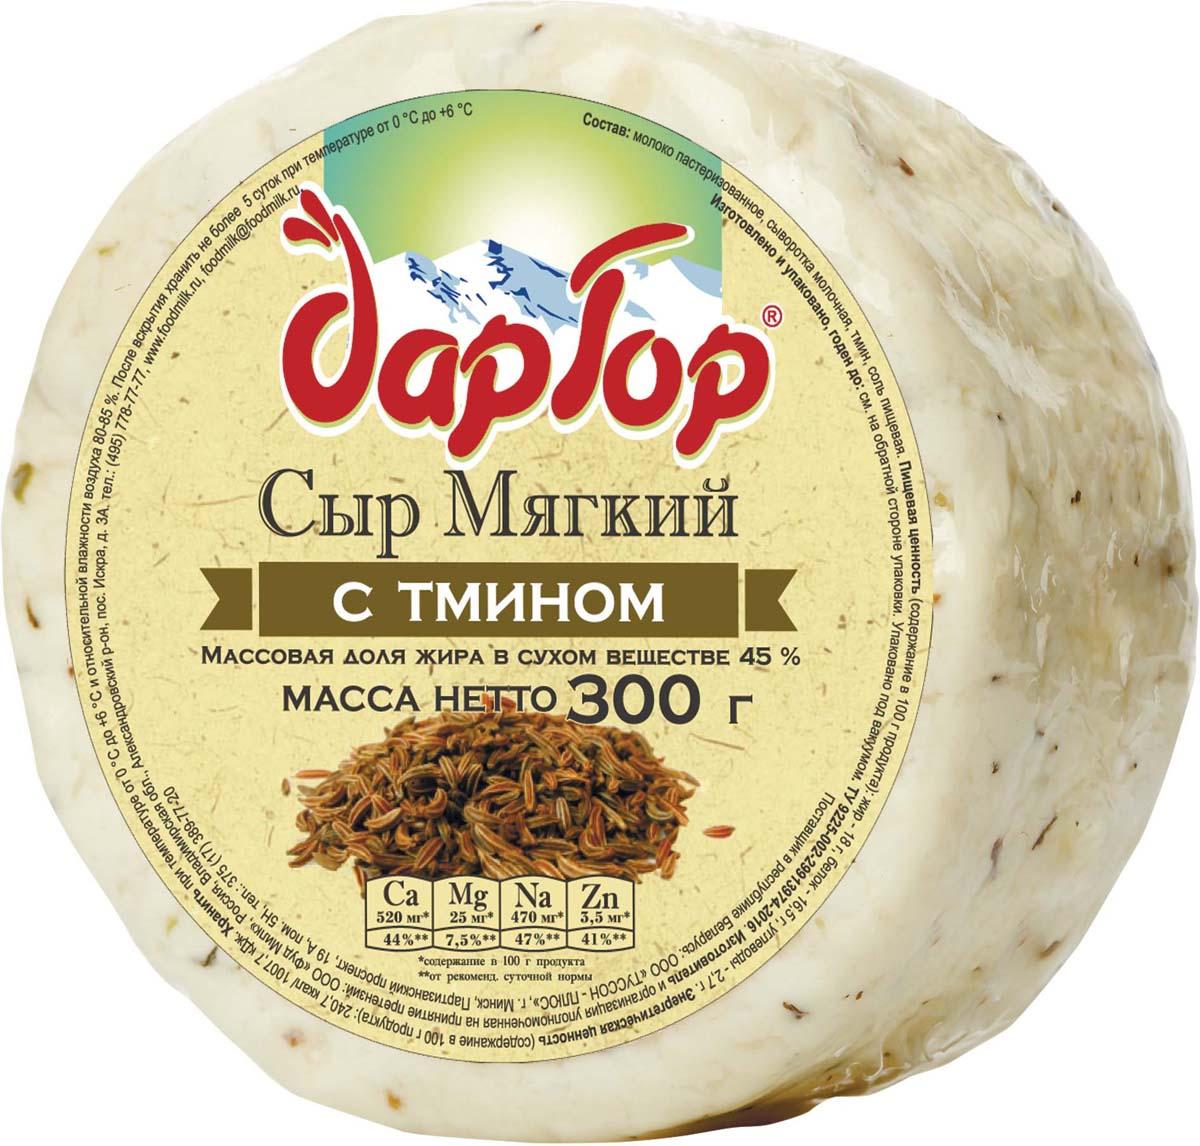 Дар Гор Сыр мягкий с Тмином 45%, 300 г дар гор сыр чанах 40% с чёрными и зелёными плодами оливы в масле 40% 250 г